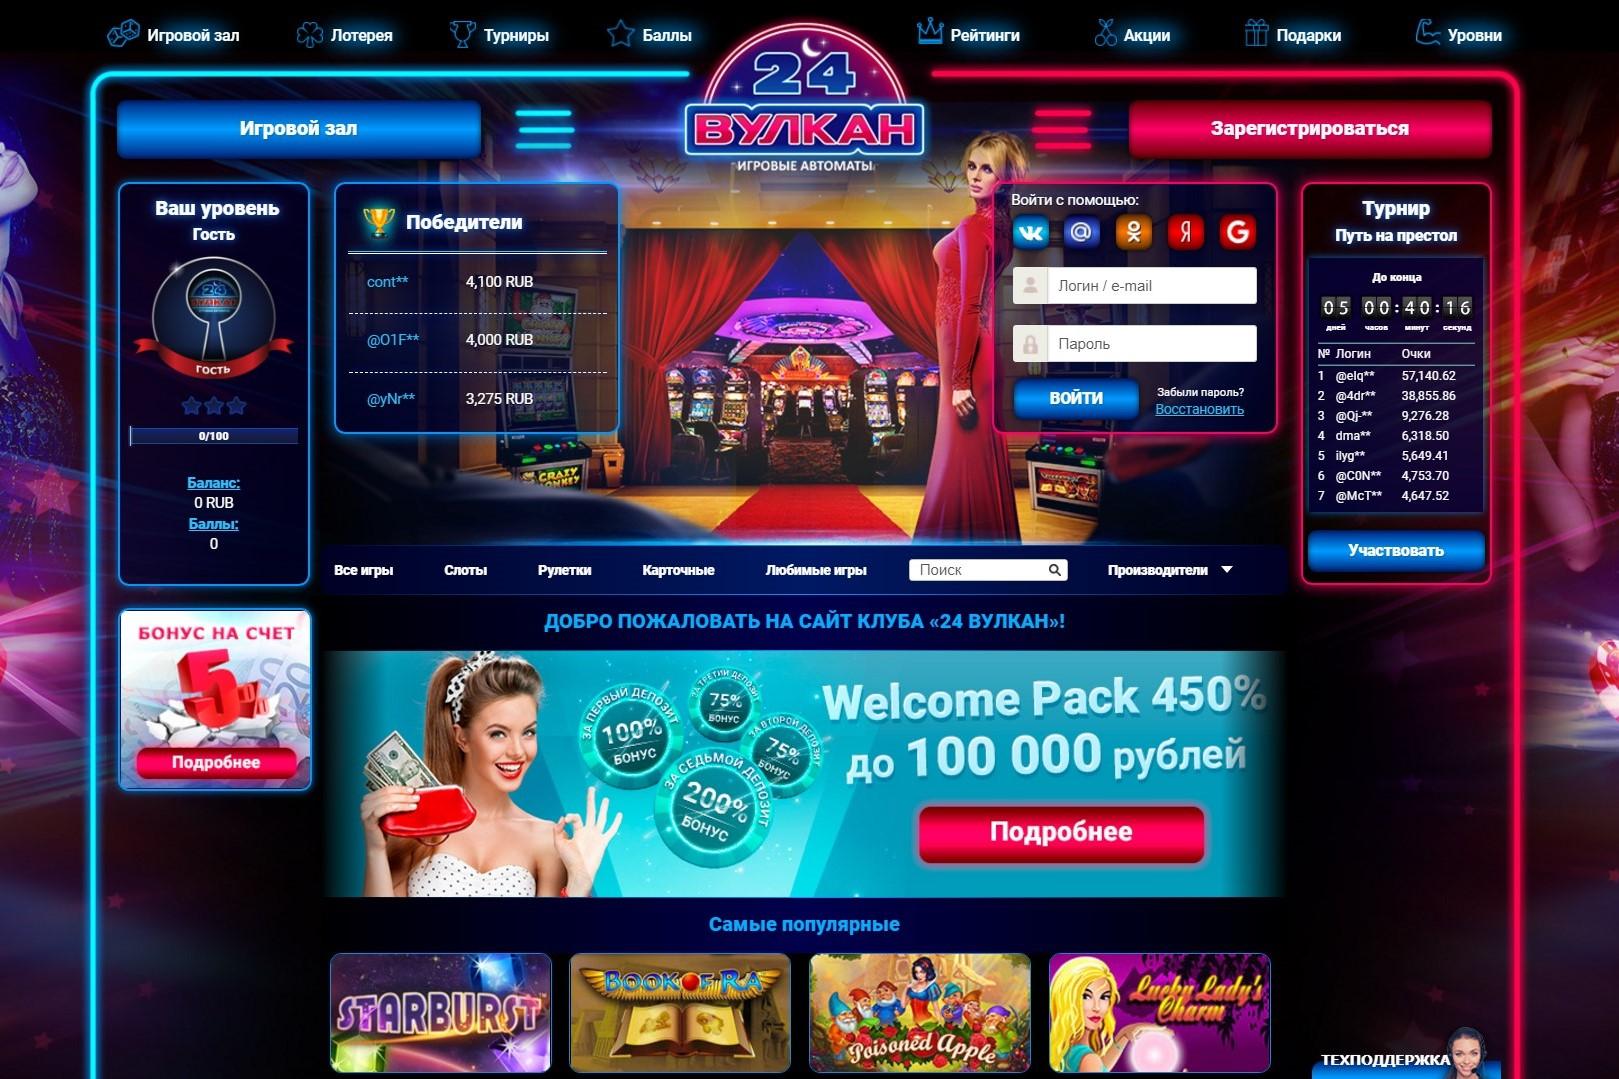 играть онлайн казино вулкан 24